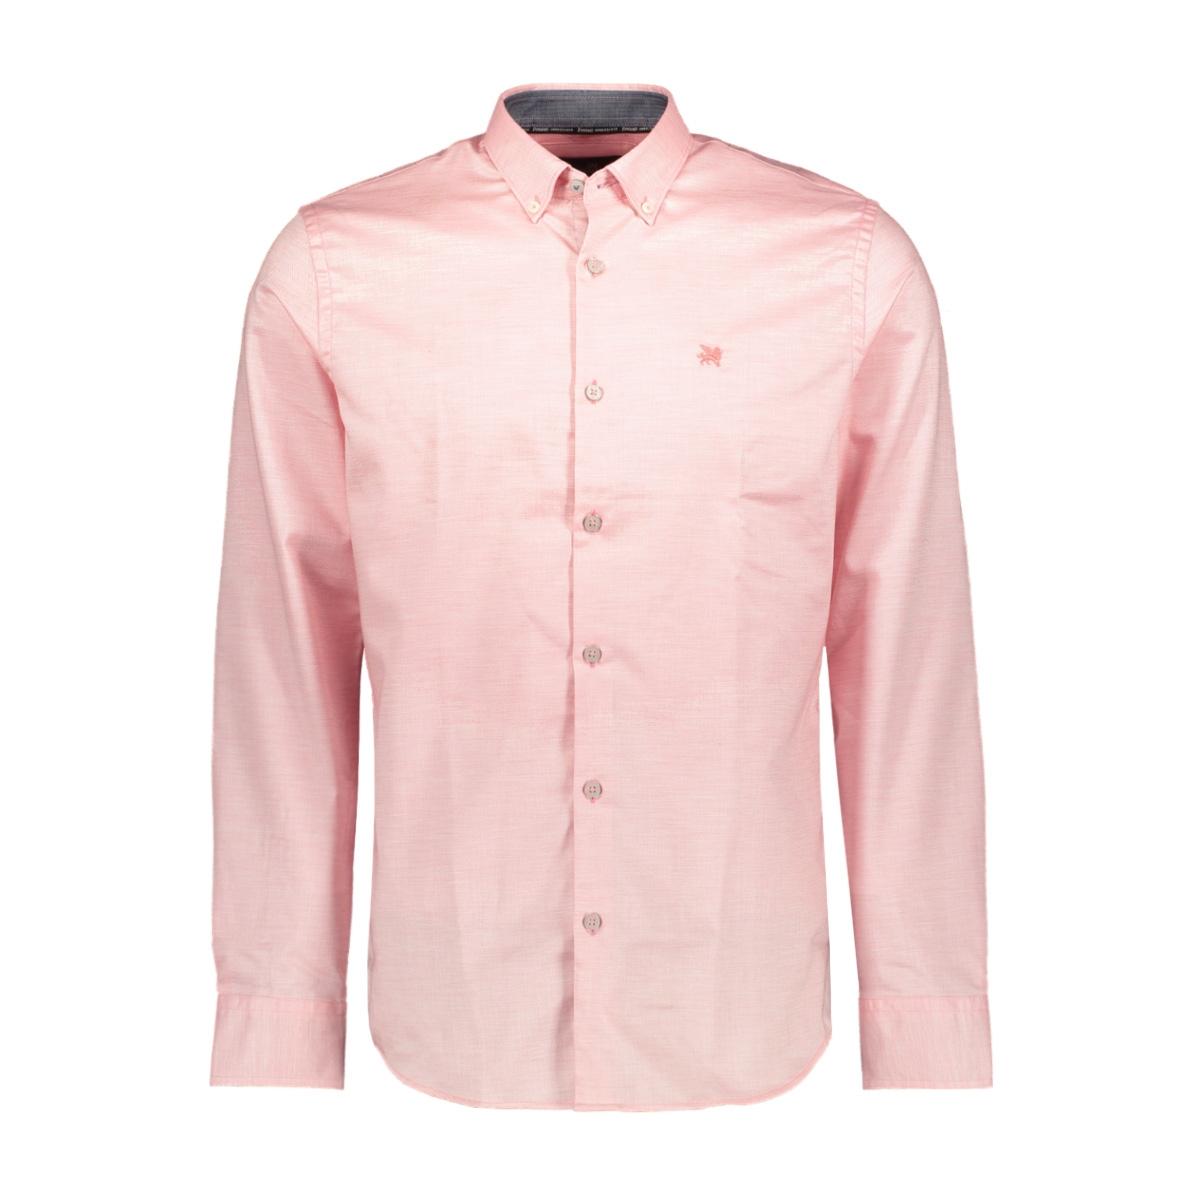 long sleeve shirt vsi198410 vanguard overhemd 3163